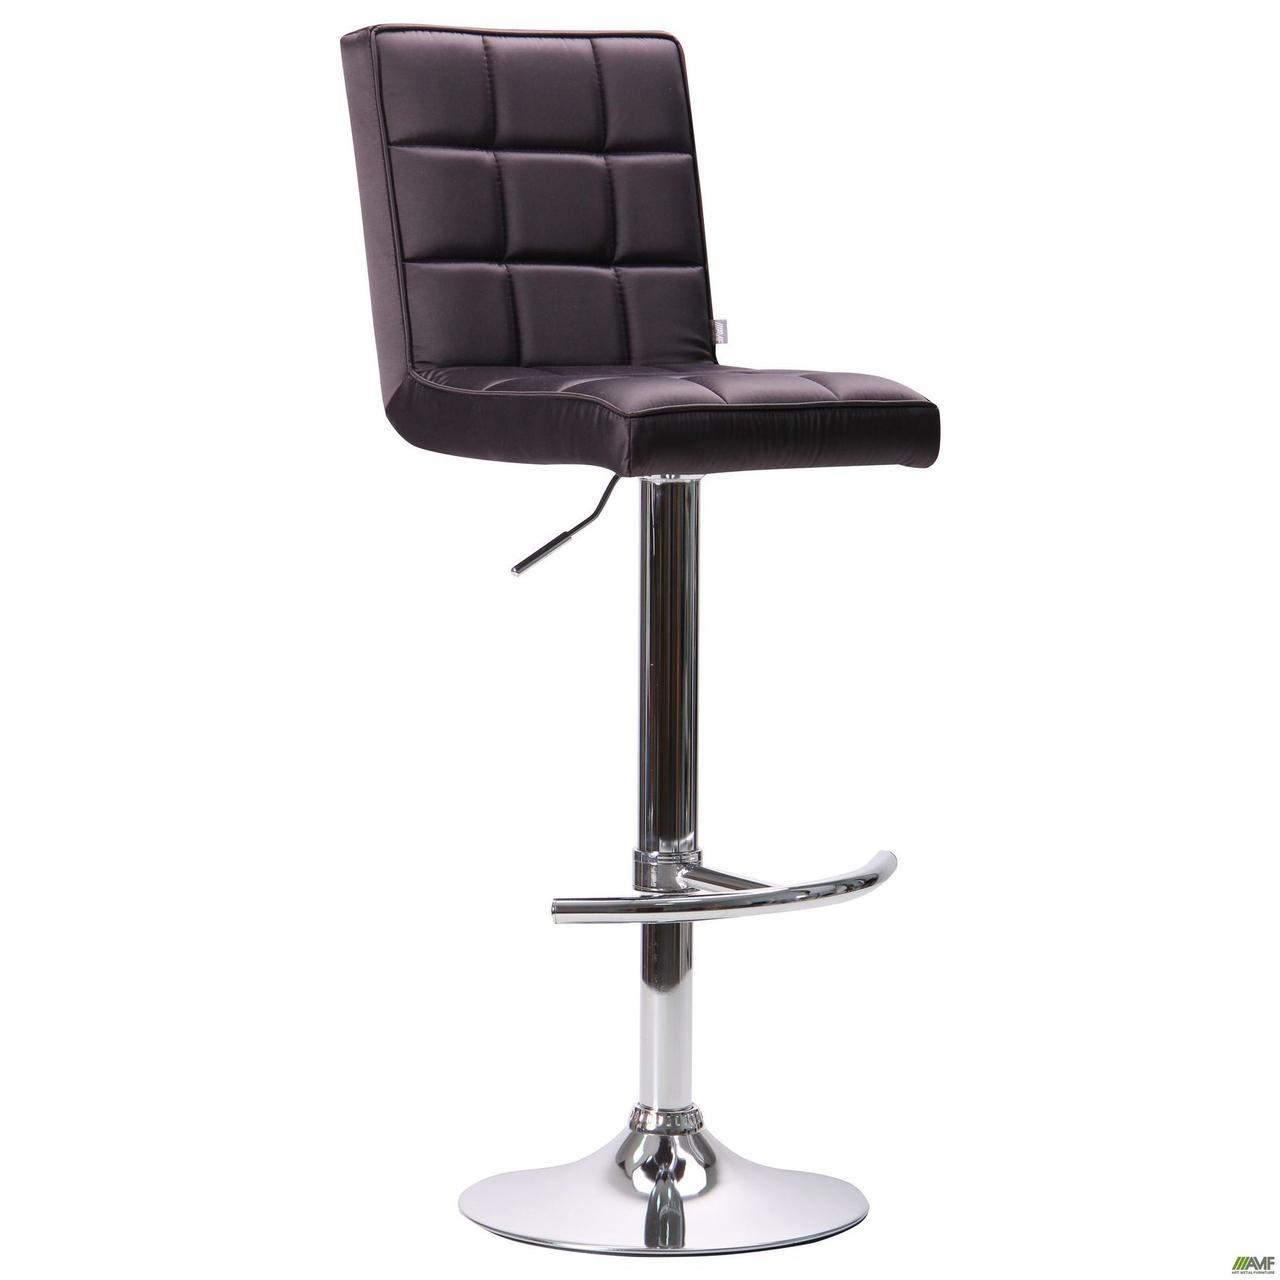 М'який стілець барний-хокер АМФ Версаль хром сидіння темно-сірий кожзам для кафе